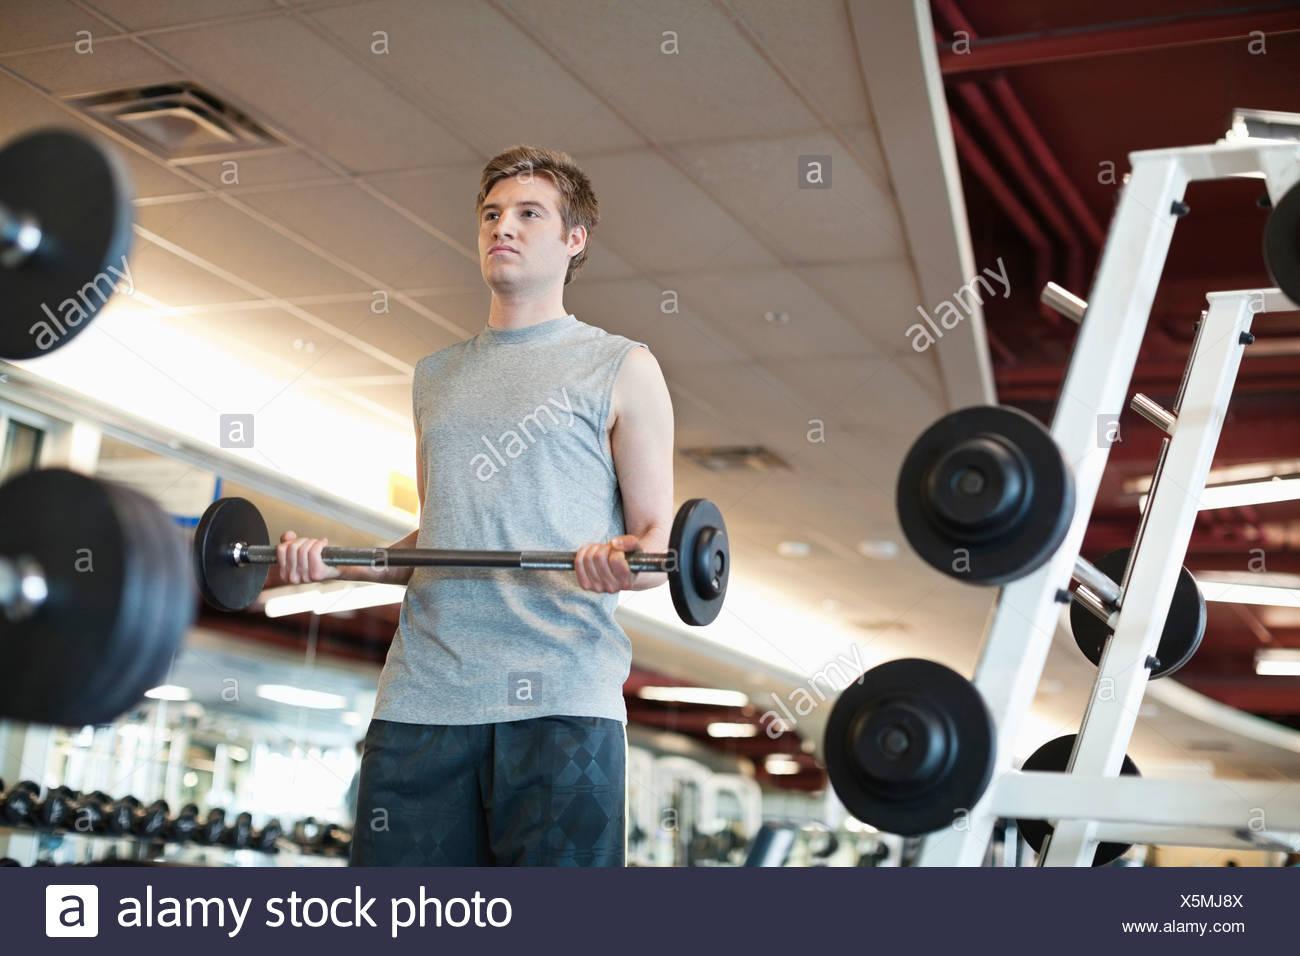 Bajo Ángulo de visión del hombre, el levantamiento de pesas en el gimnasio Imagen De Stock